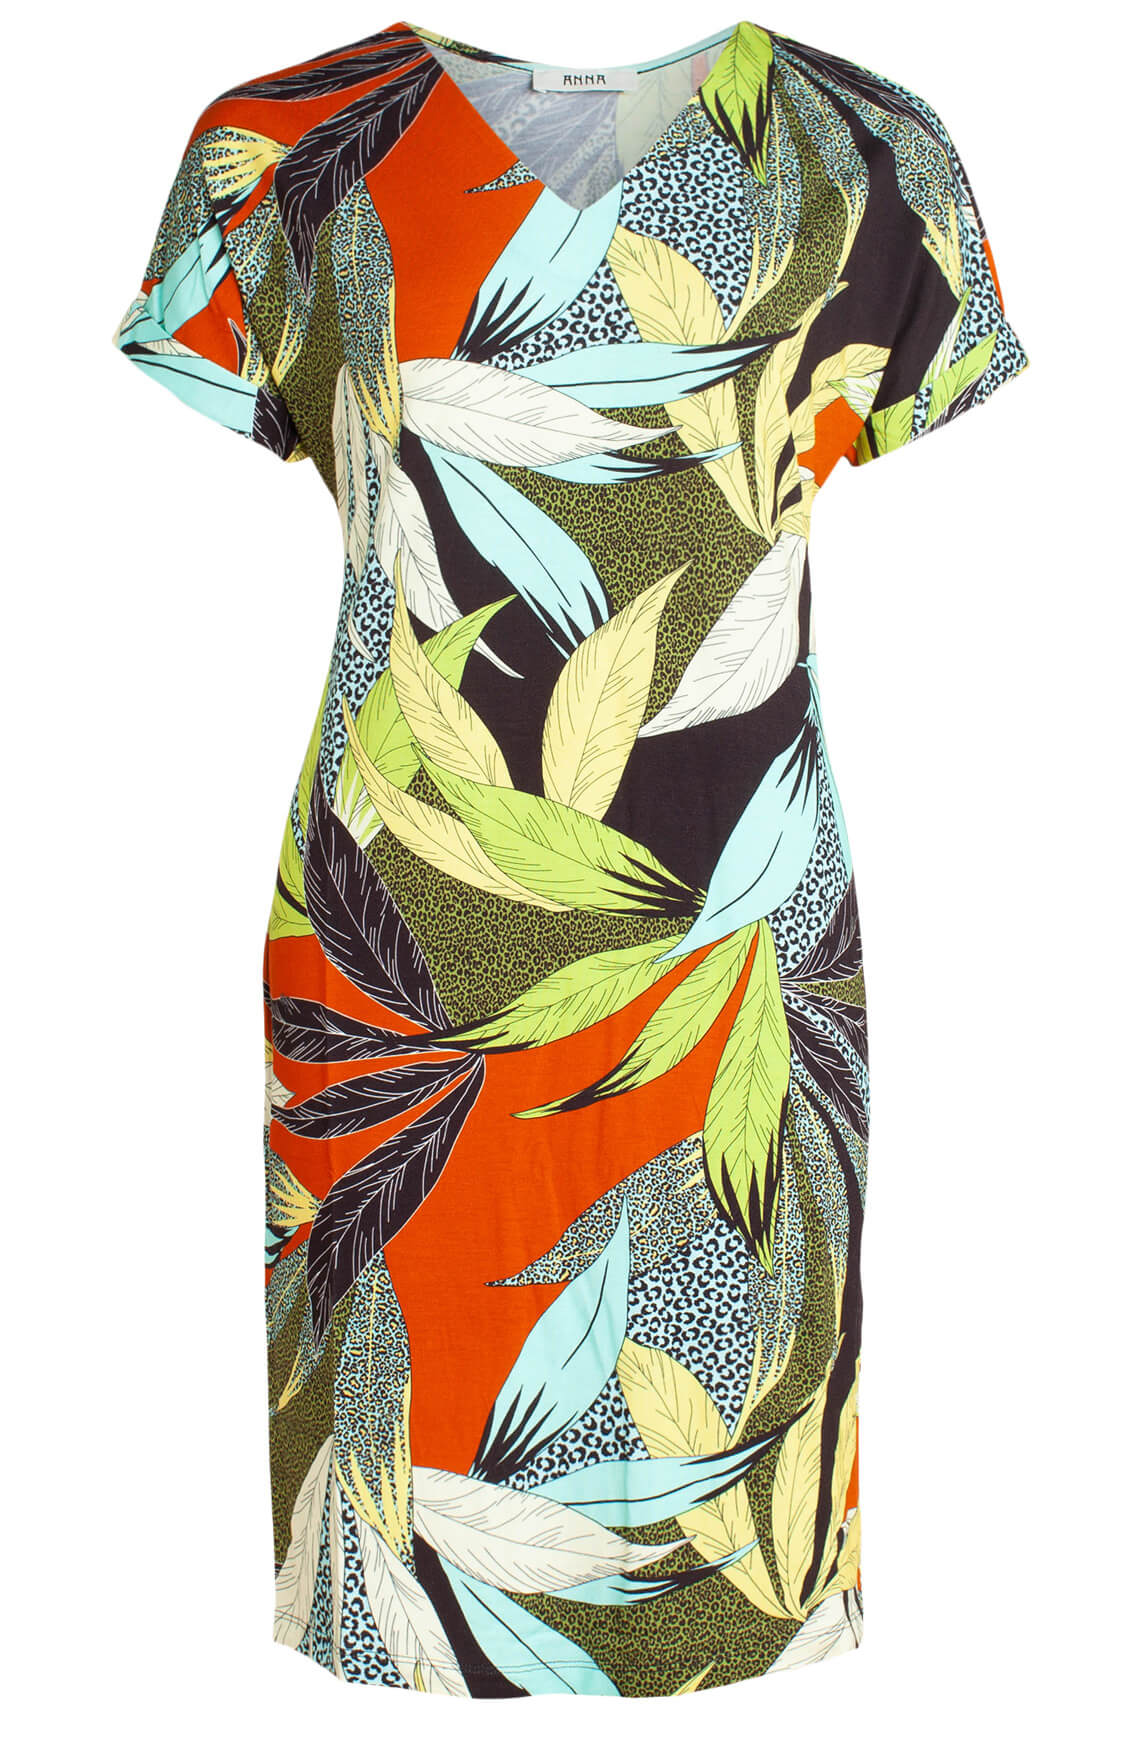 Anna Dames Jurk met kleurrijke print Bruin